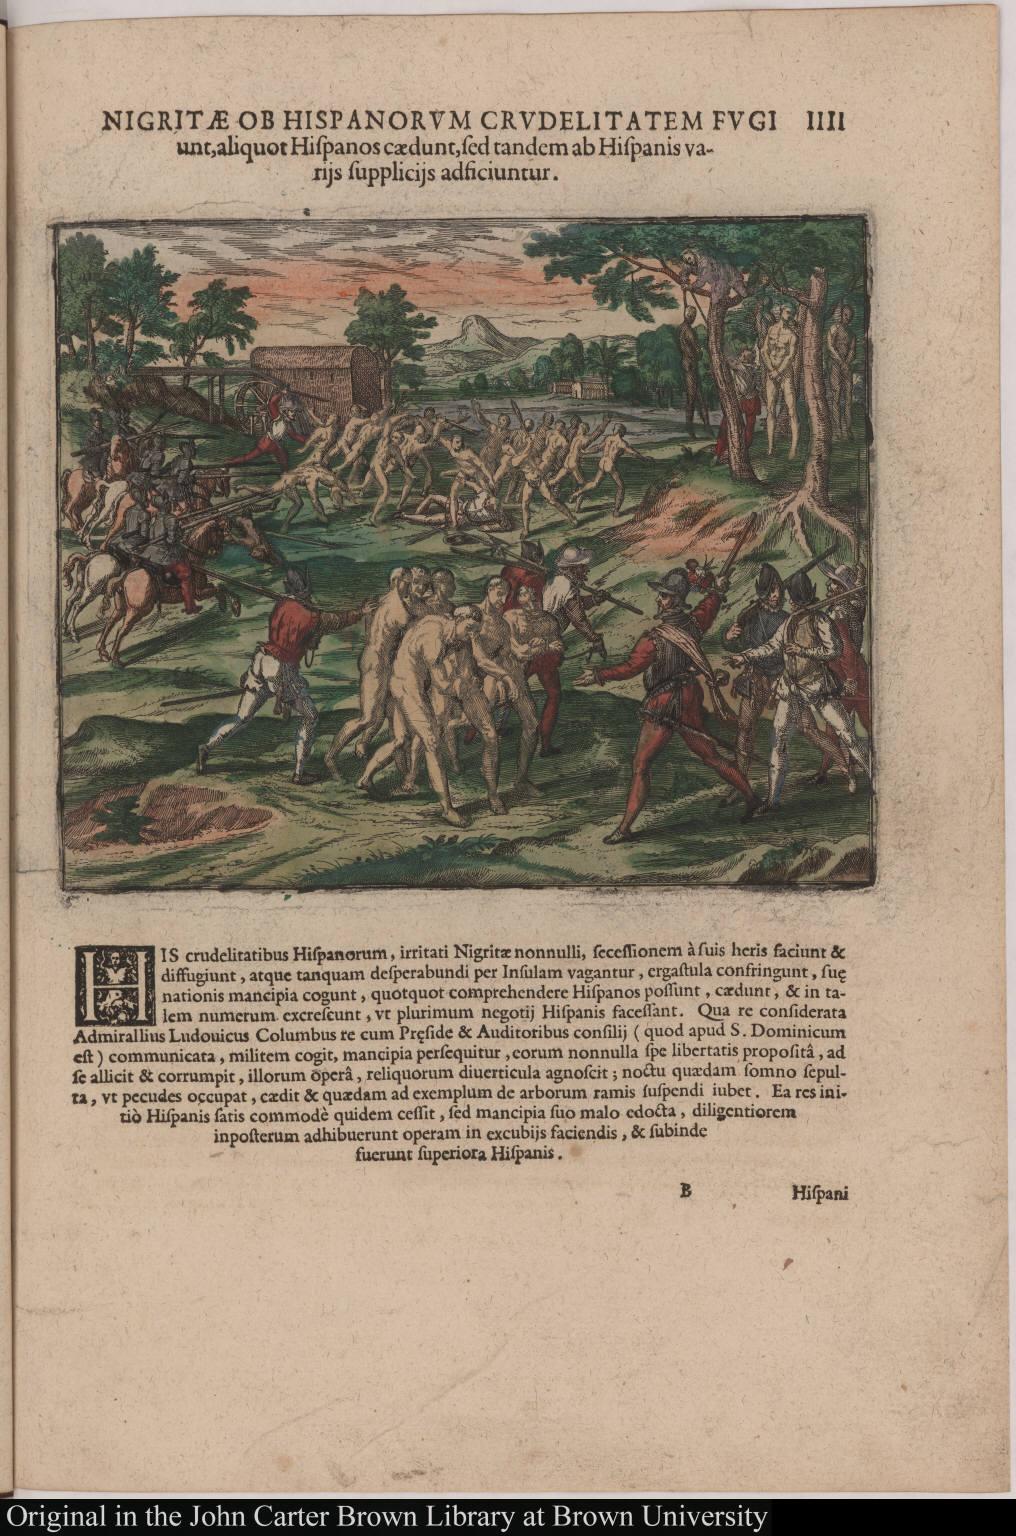 Nigritae ob Hispanorum crudelitatem fugiunt, aliquot Hispanos caedunt, sed tandem ab Hispanis varijs supplicijs adficiuntur.